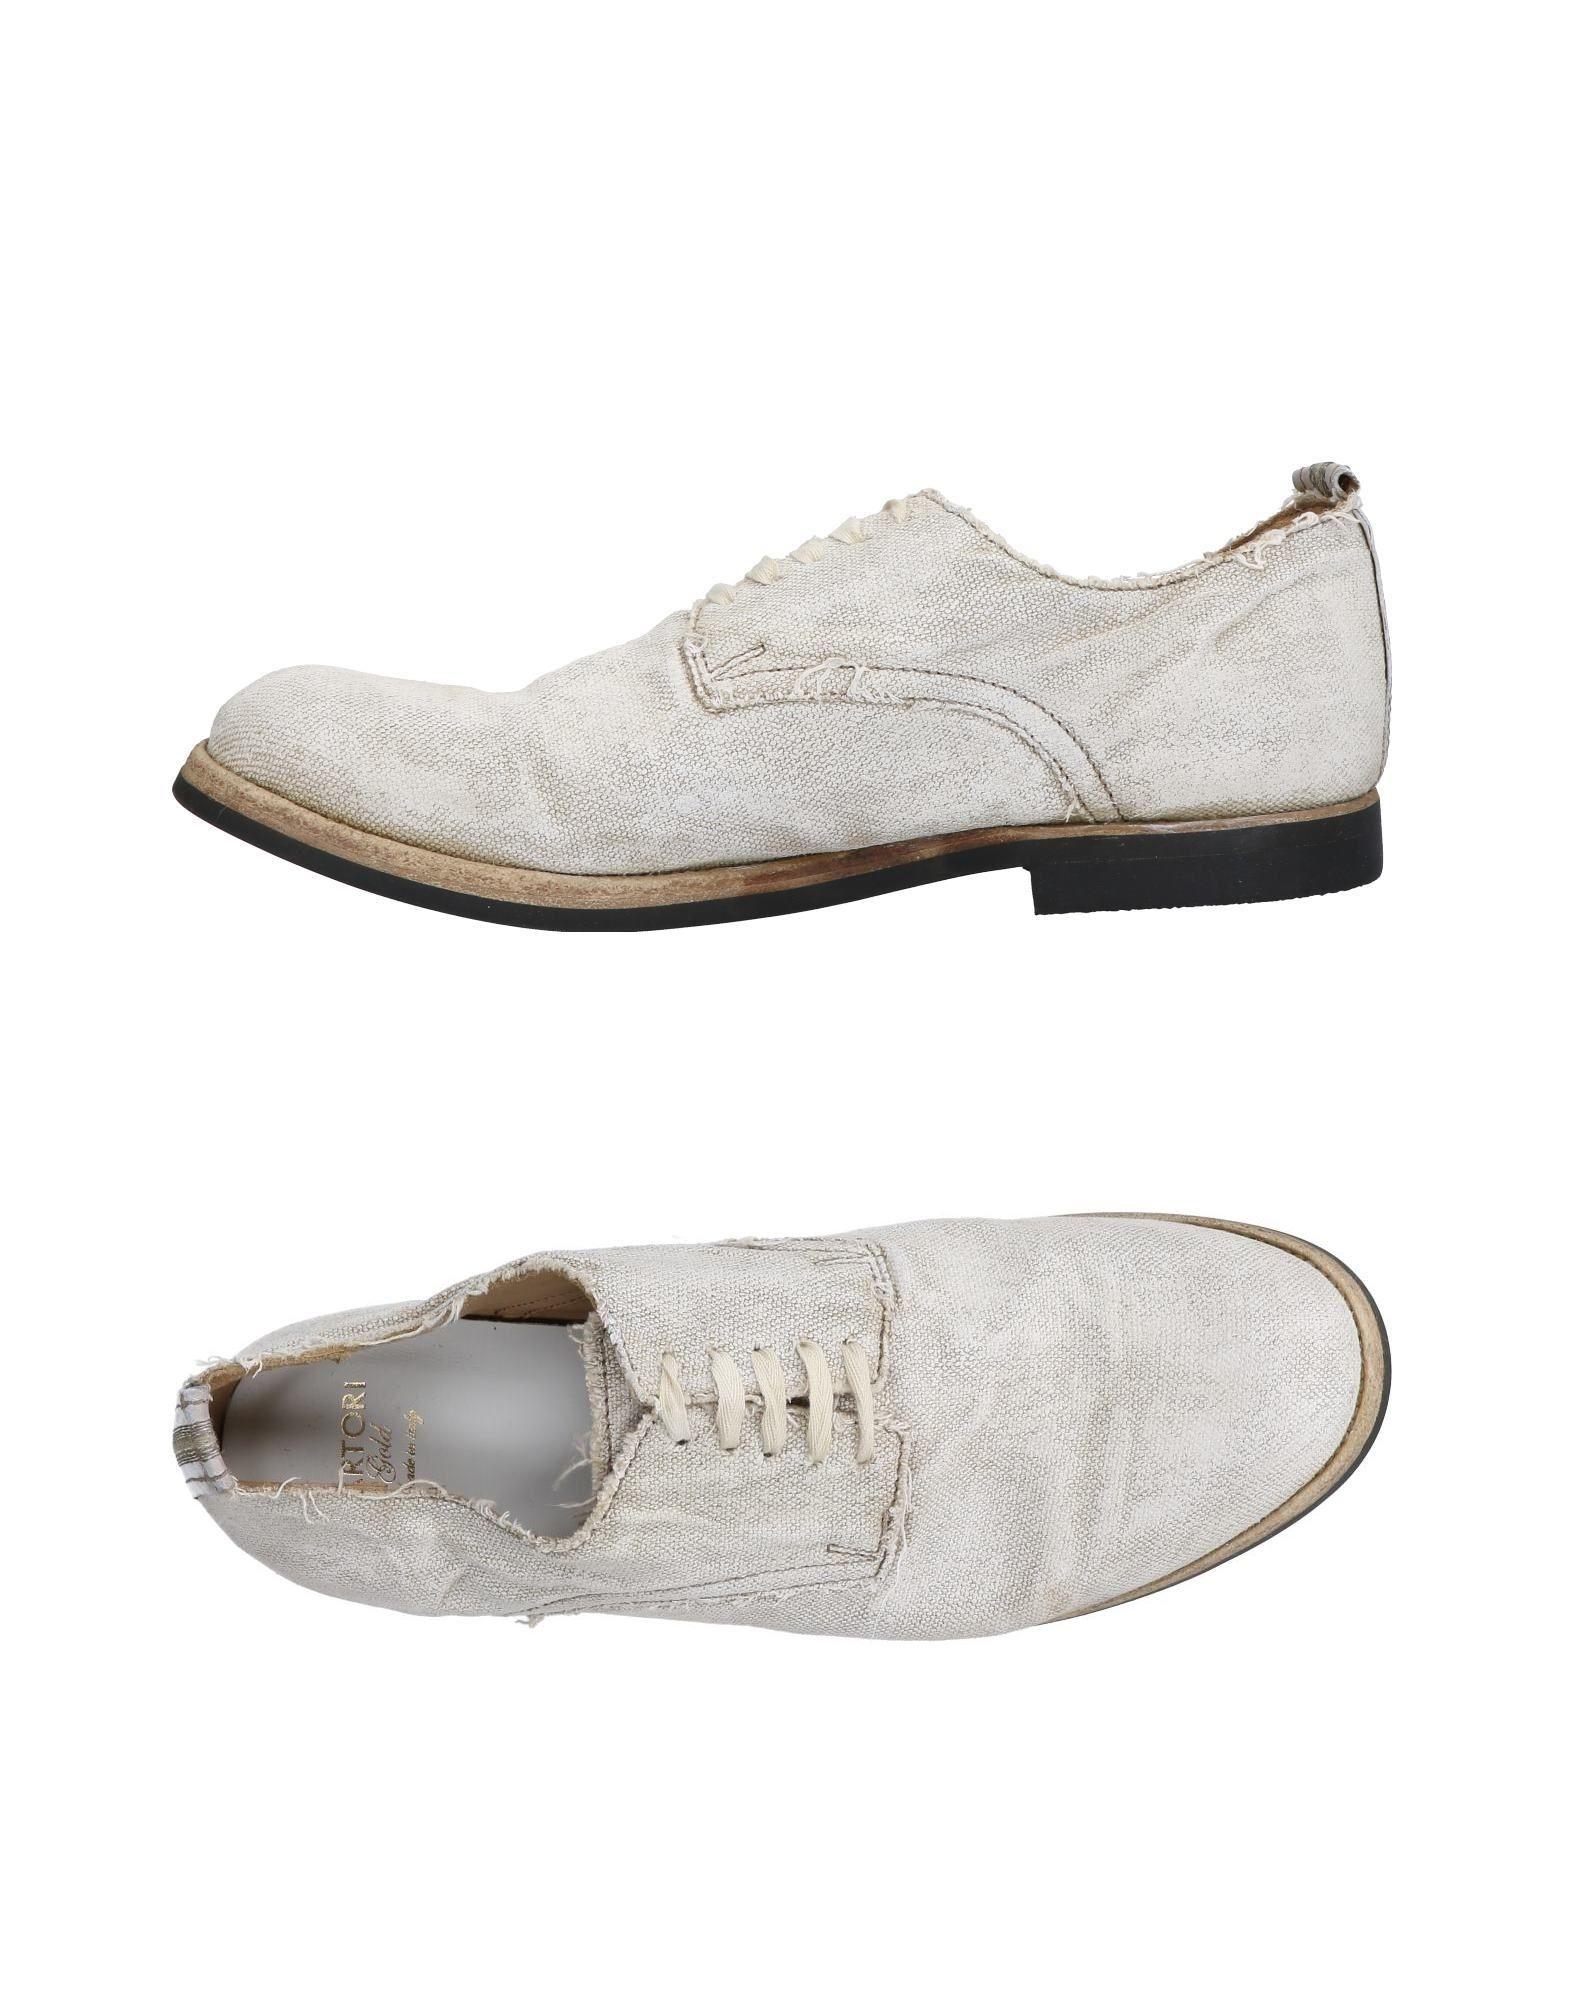 Sartori Gold Schnürschuhe Herren  11483071WL Neue Schuhe